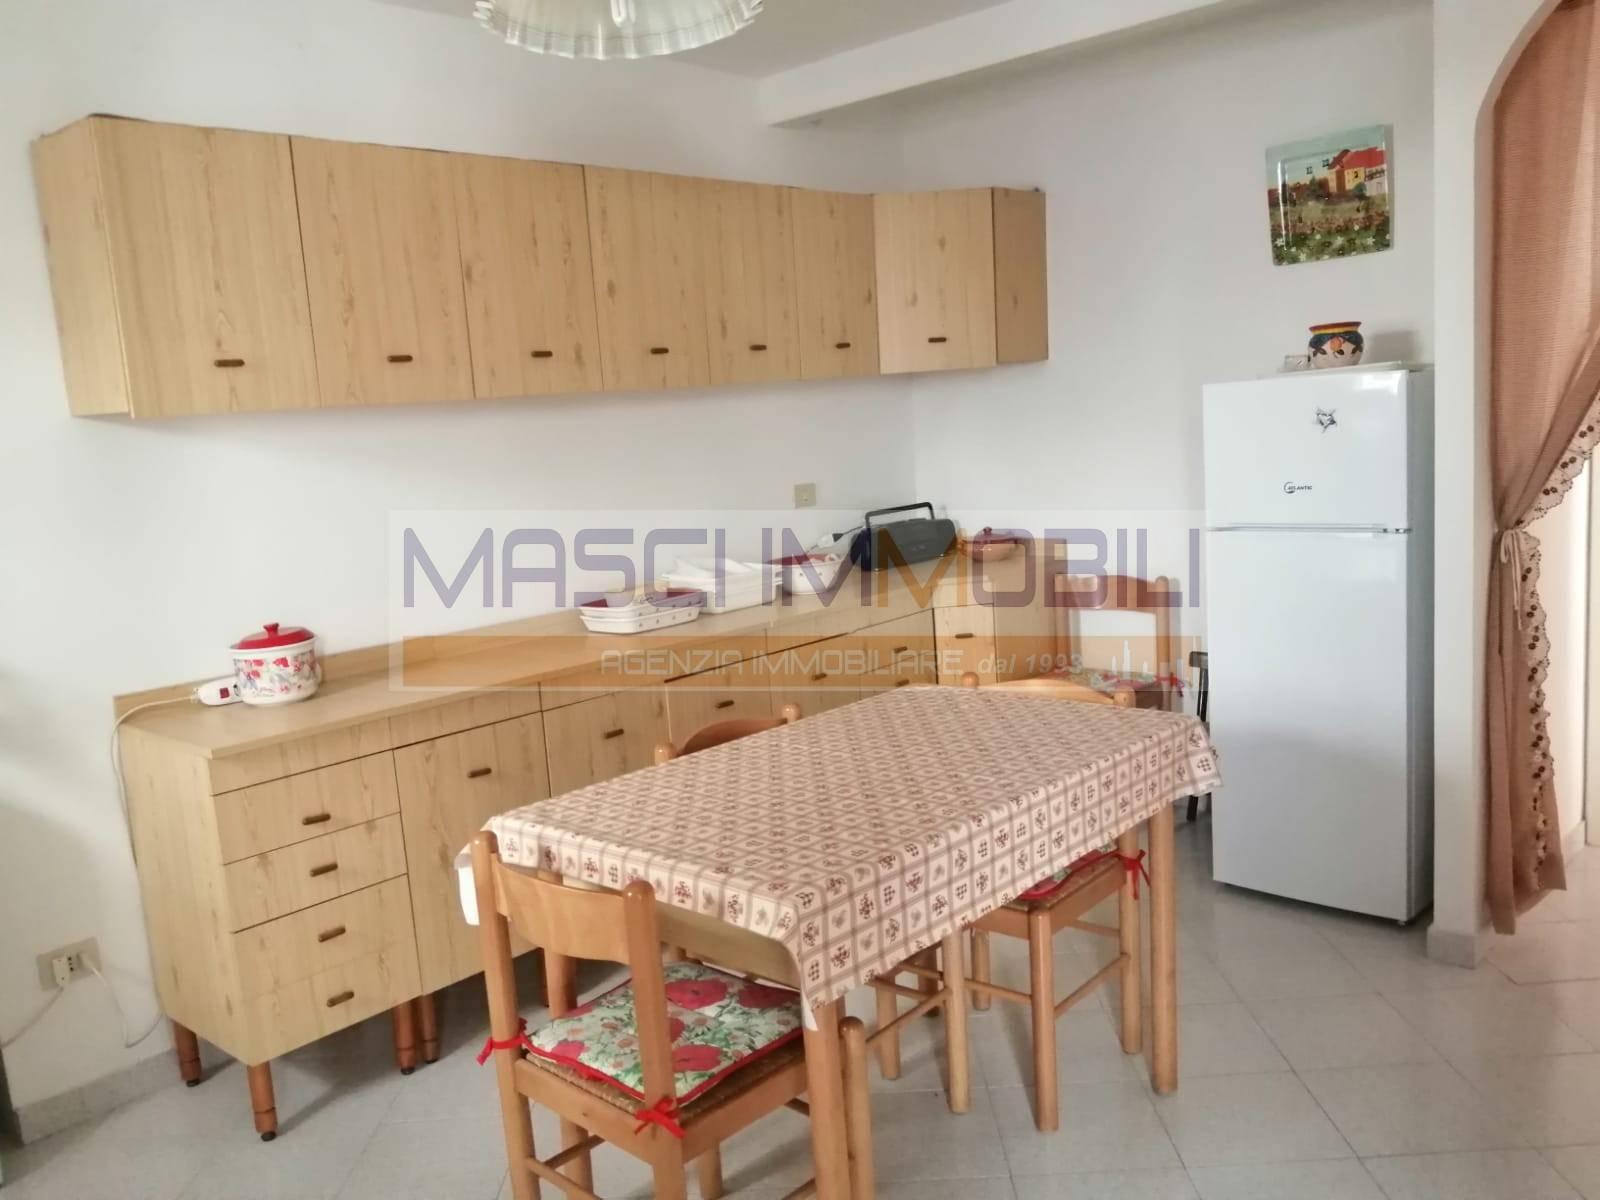 Appartamento in vendita a Filacciano, 2 locali, prezzo € 35.000 | CambioCasa.it